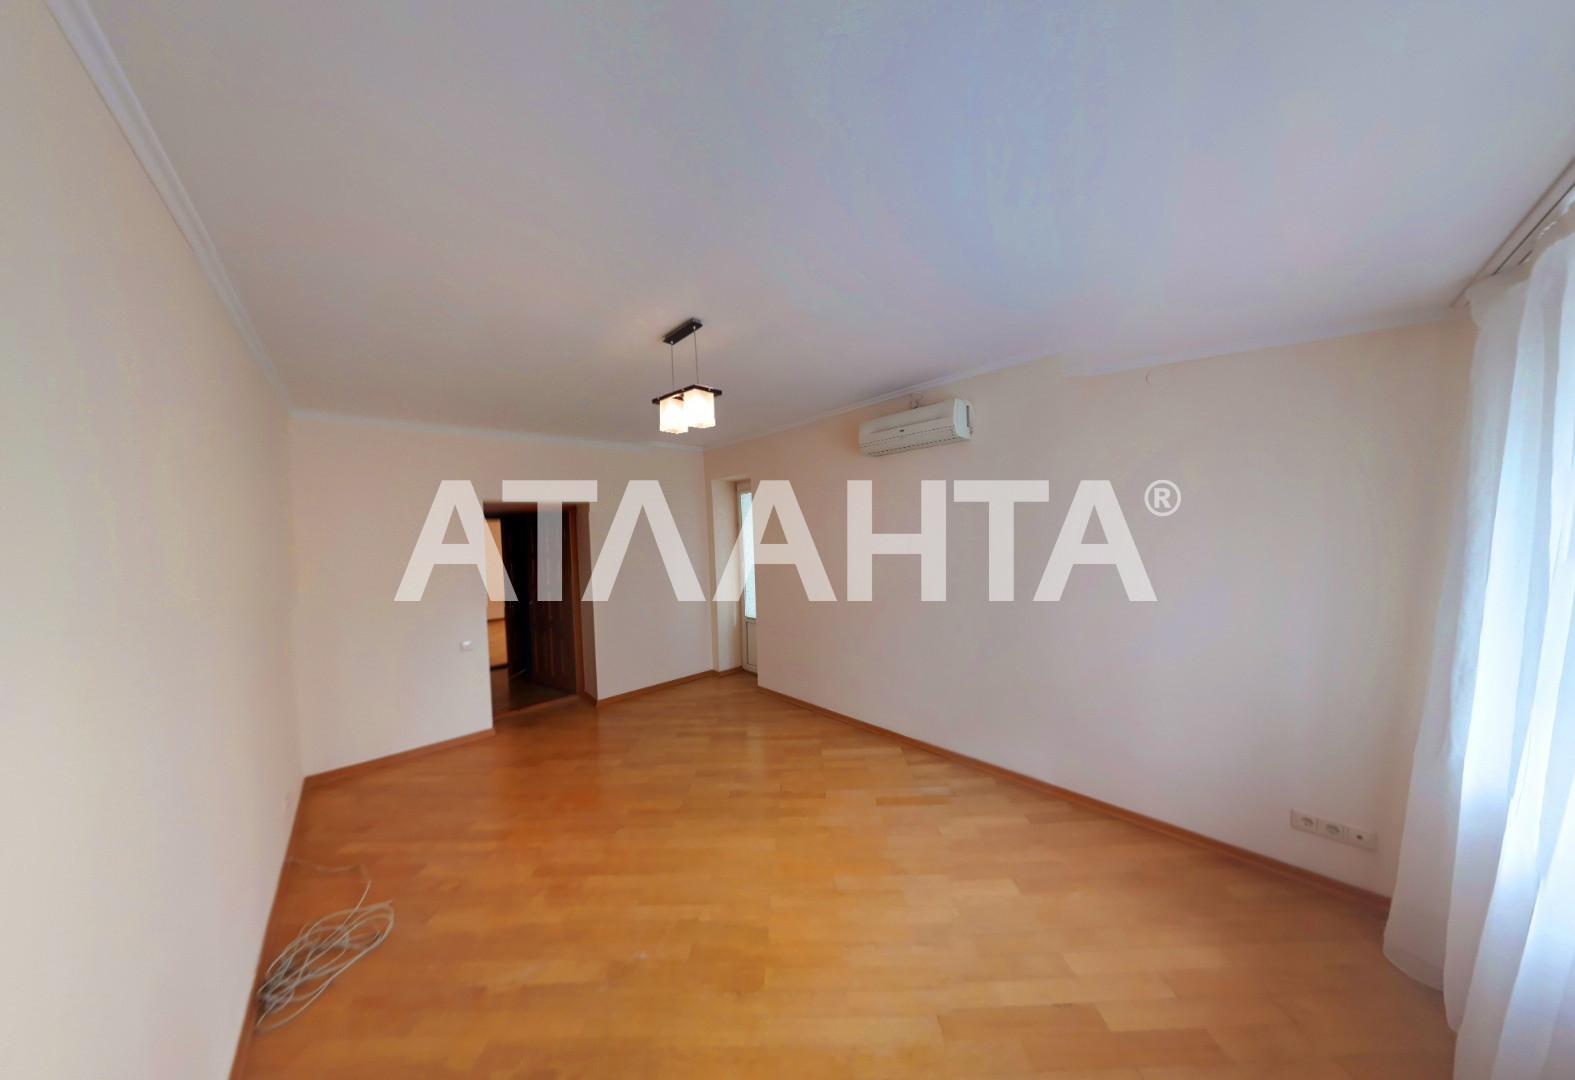 Продается 3-комнатная Квартира на ул. Конева — 118 000 у.е. (фото №10)